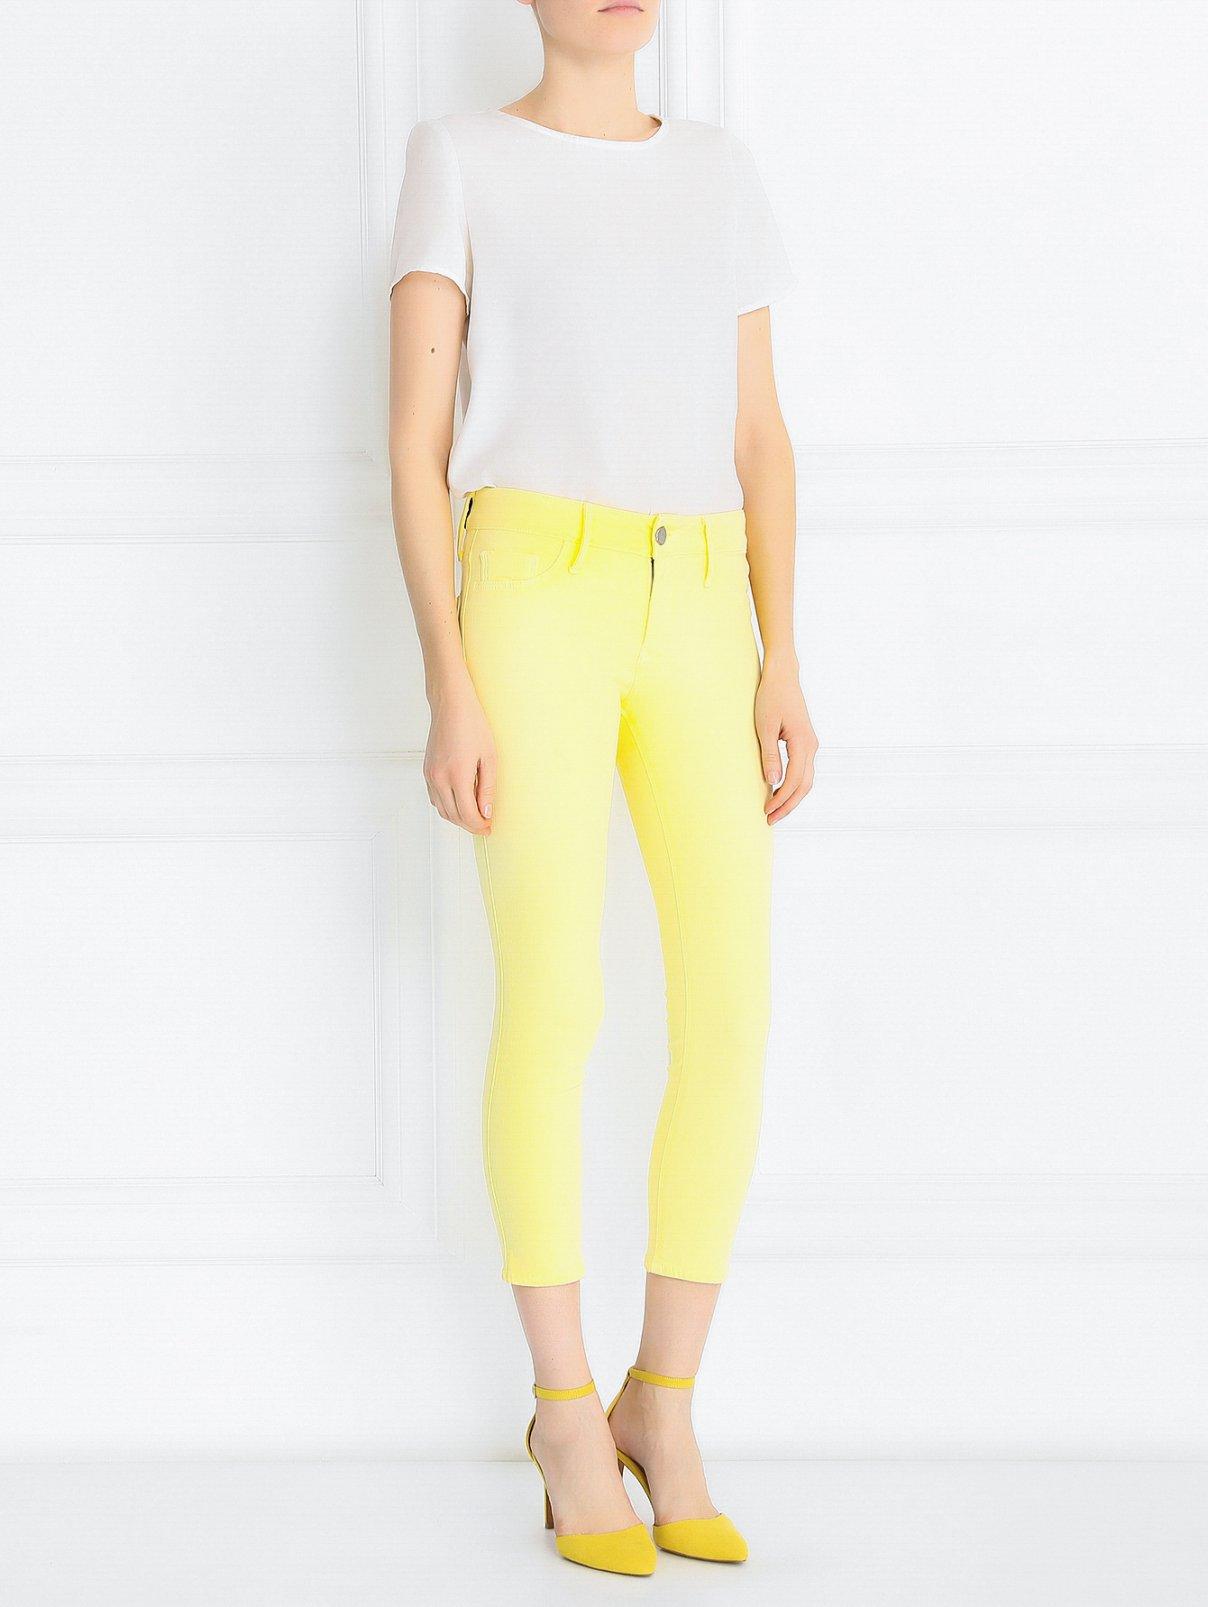 Укороченные джинсы узкого кроя Black Orchid  –  Модель Общий вид  – Цвет:  Желтый